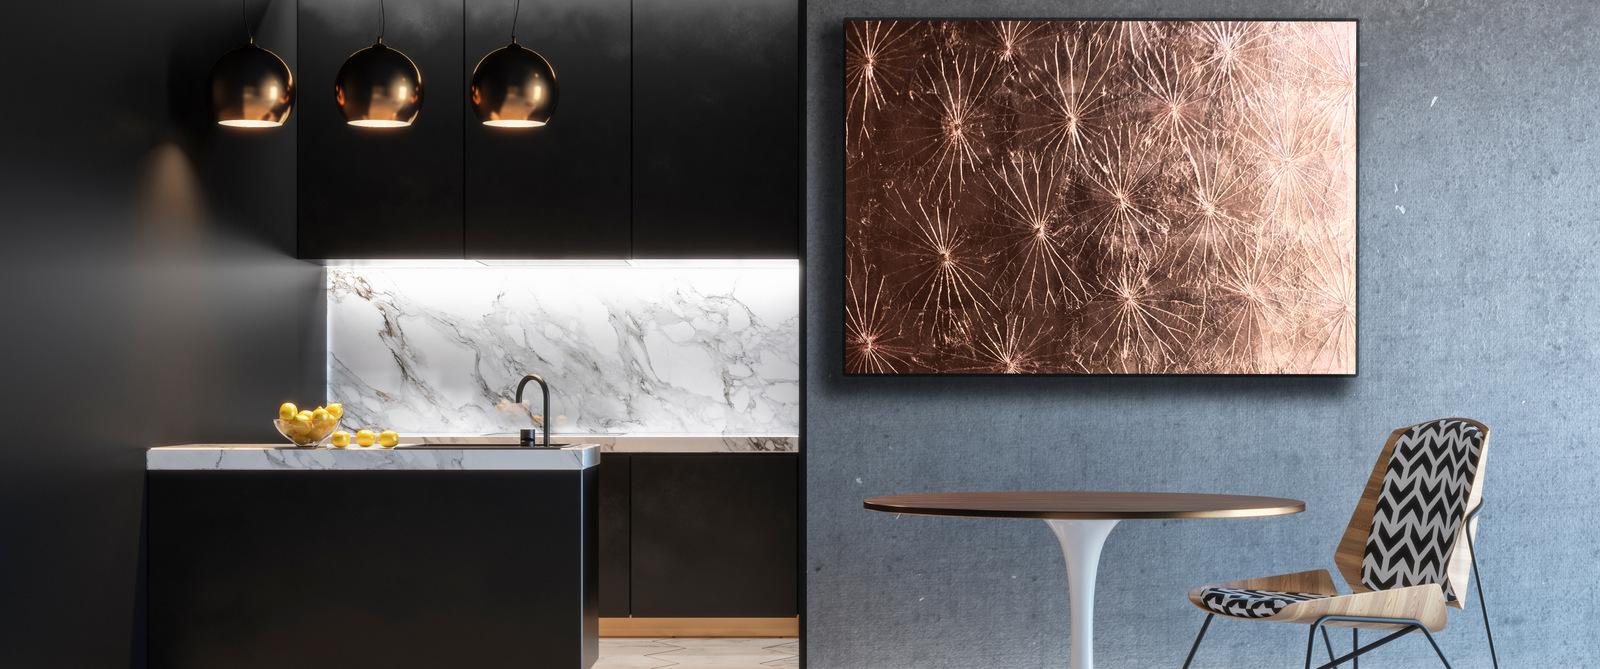 Kupferbild in stylischer Luxusküche